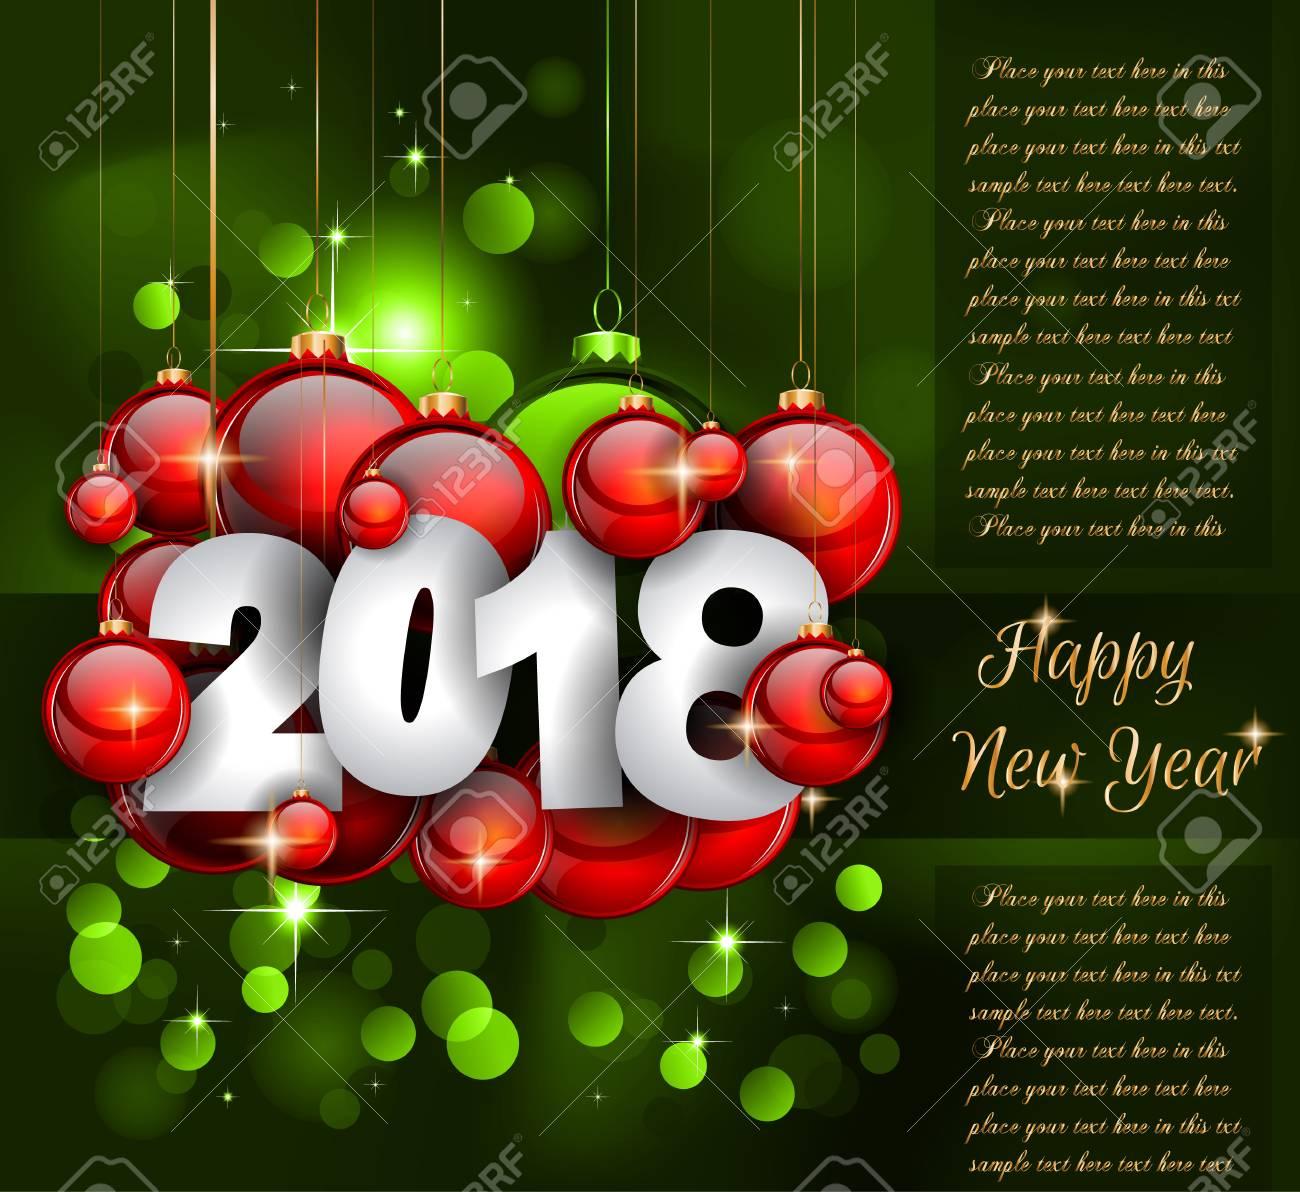 2018 Frohes Neues Jahr Grußkarte Oder Weihnachten Themen-Einladungen ...